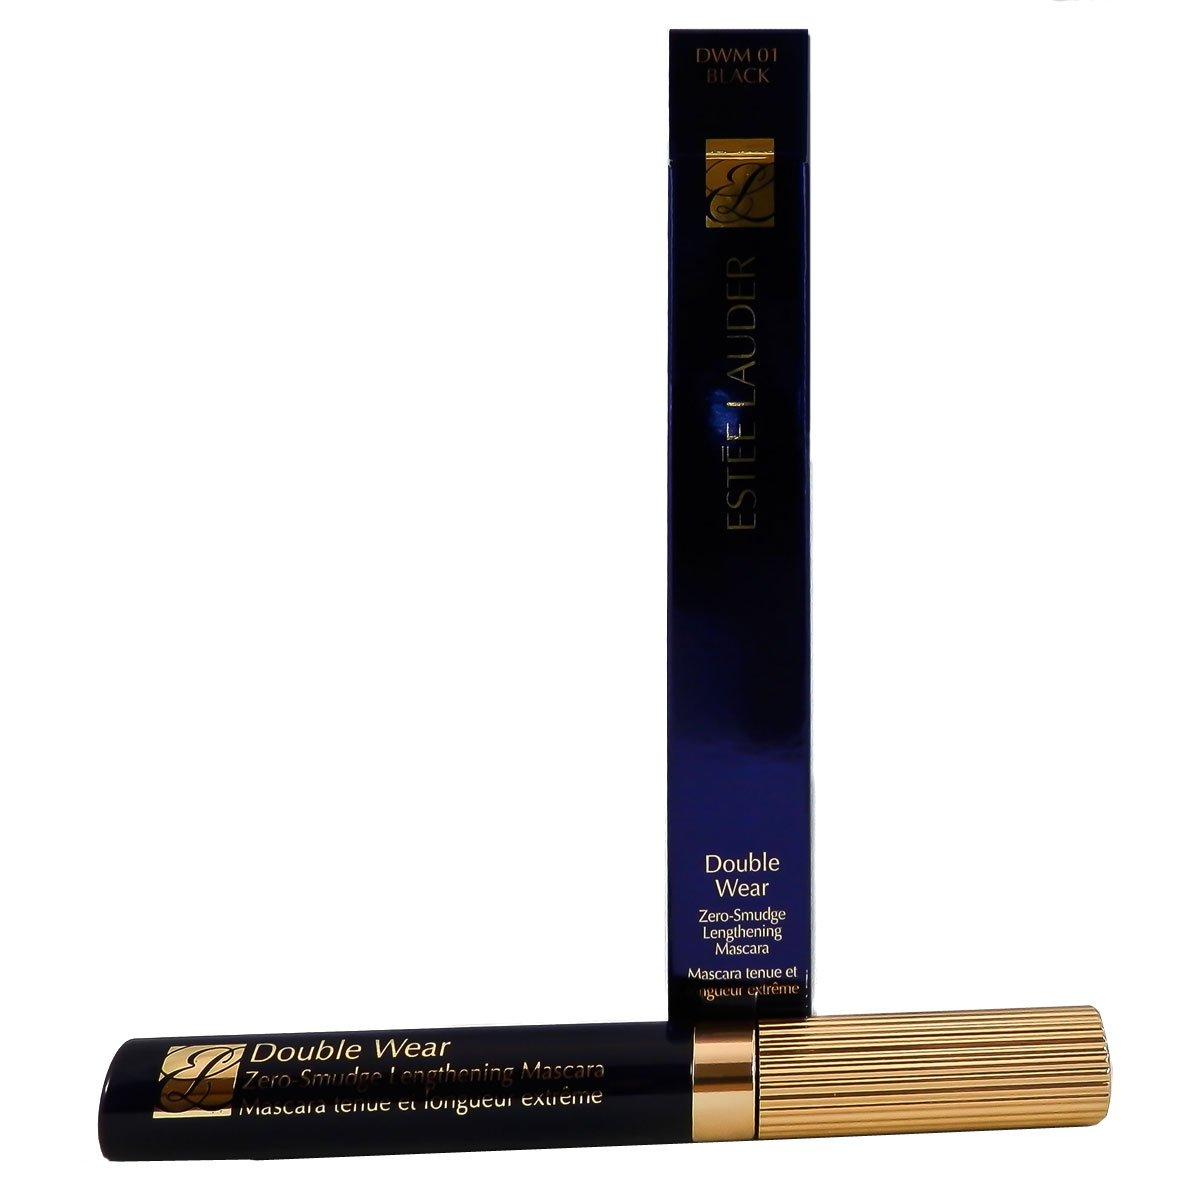 Estee Lauder Double Wear Zero Smudge Lengthening Mascara DWM 01 - Black, 6 ml C-EL-230-06 EST00062